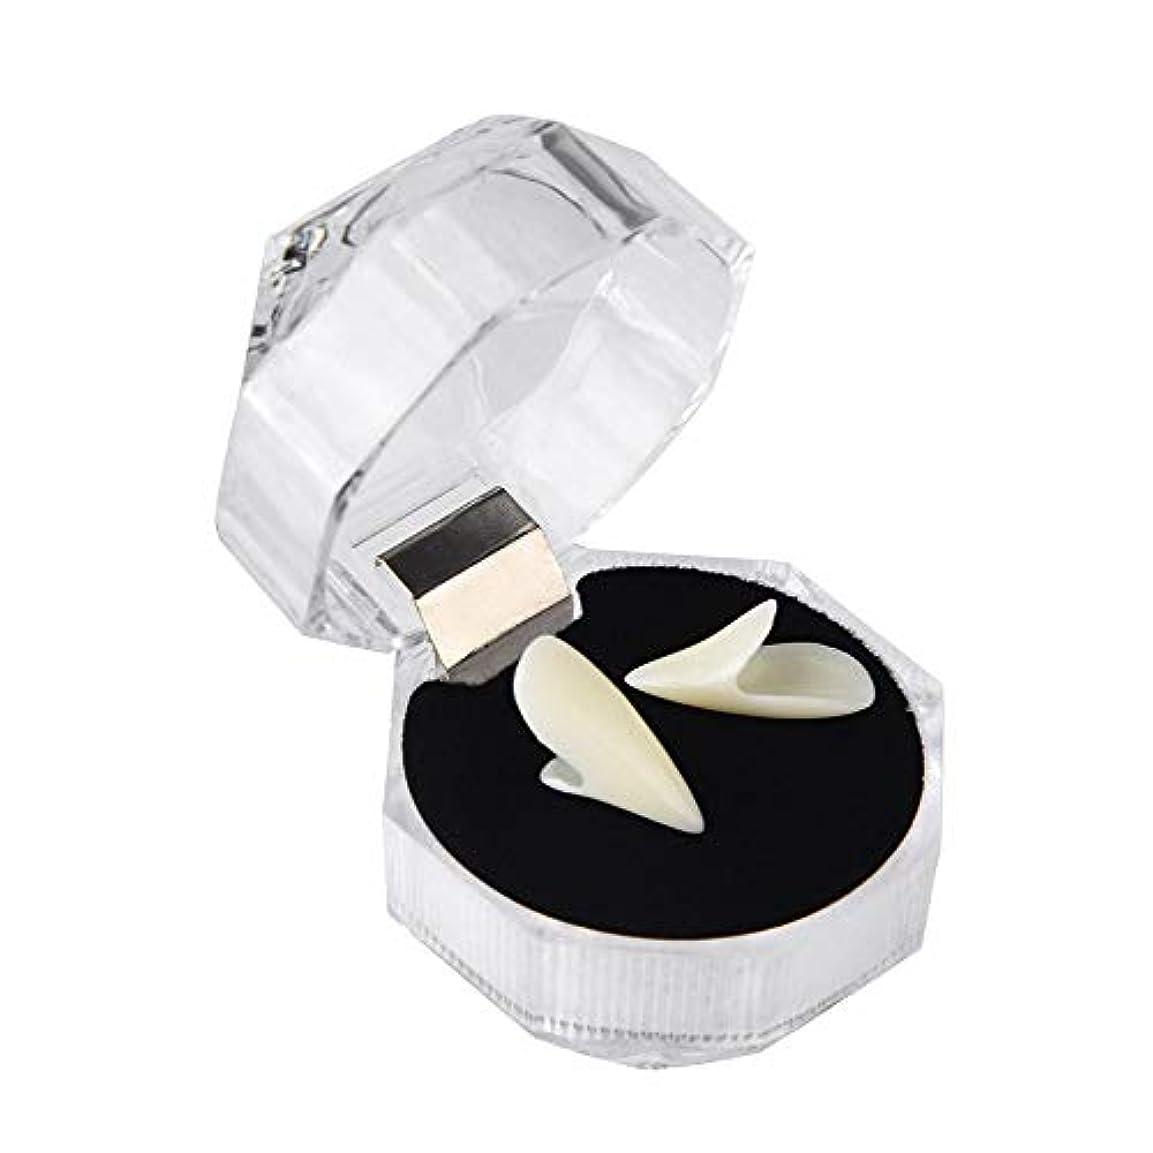 シーボードサバントアサート2ピースユニセックスハロウィンロールプレイングゾンビ義歯、樹脂にやさしい食品グレード義歯(歯のジェル付き),17mm